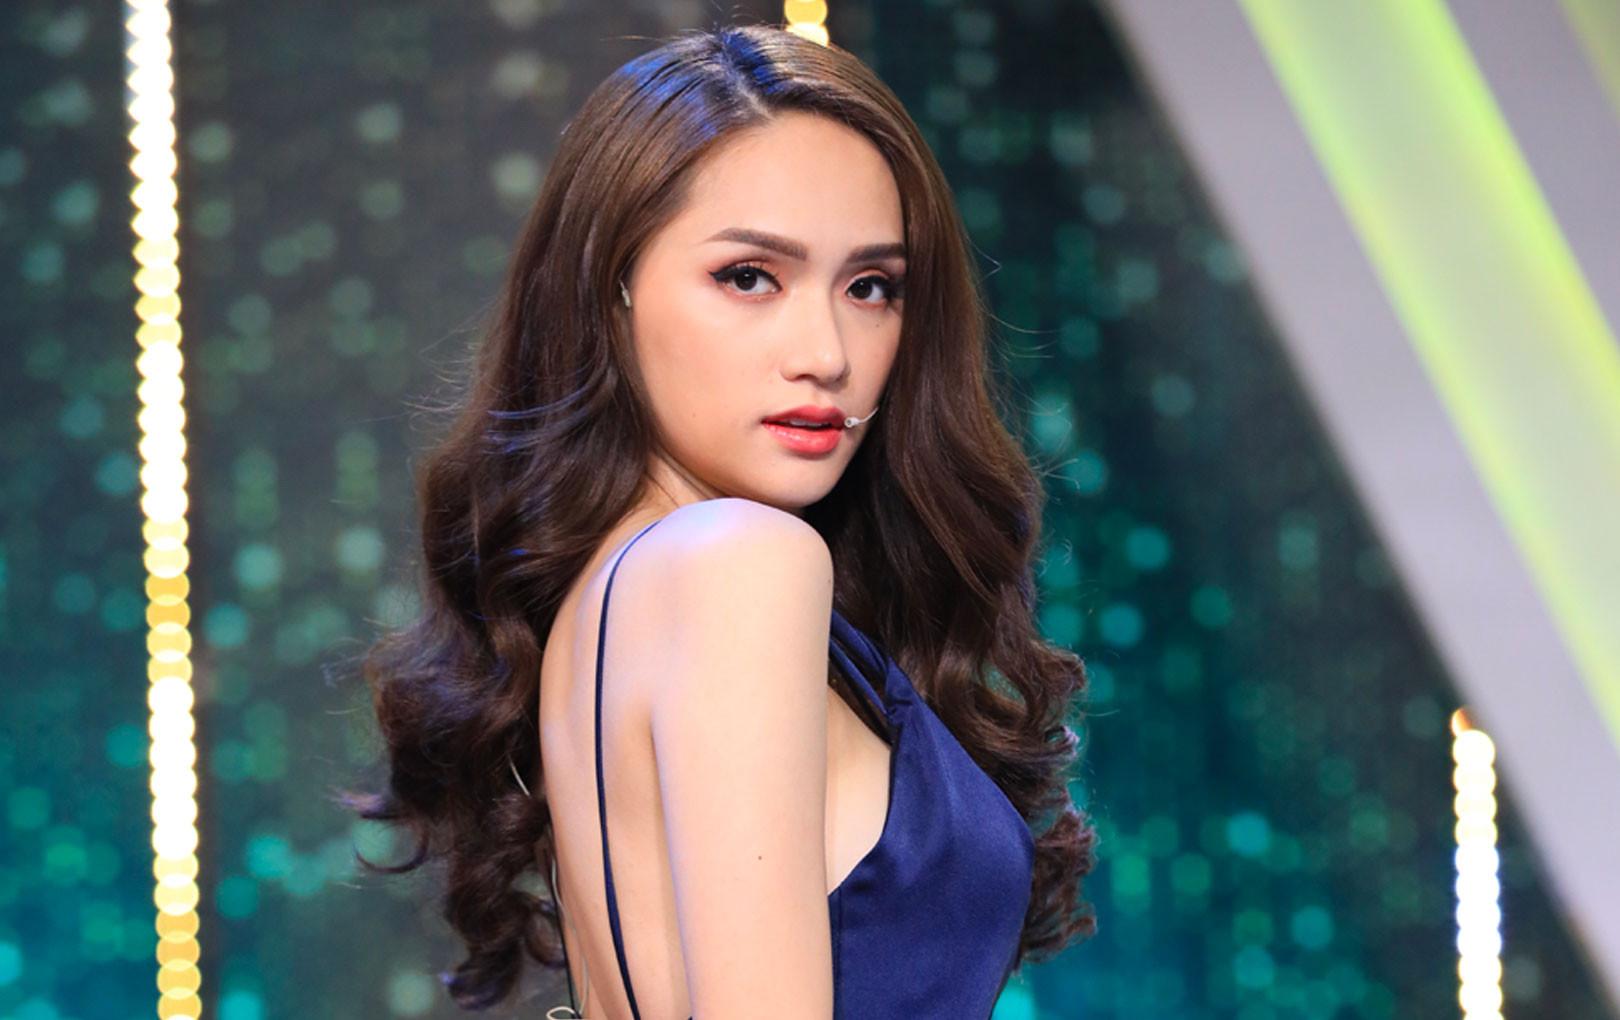 """""""Người ấy là ai?"""": Lần đầu tiên xem chương trình mà khán giả chỉ chăm chăm chú ý đến Hương Giang vì quá xinh"""